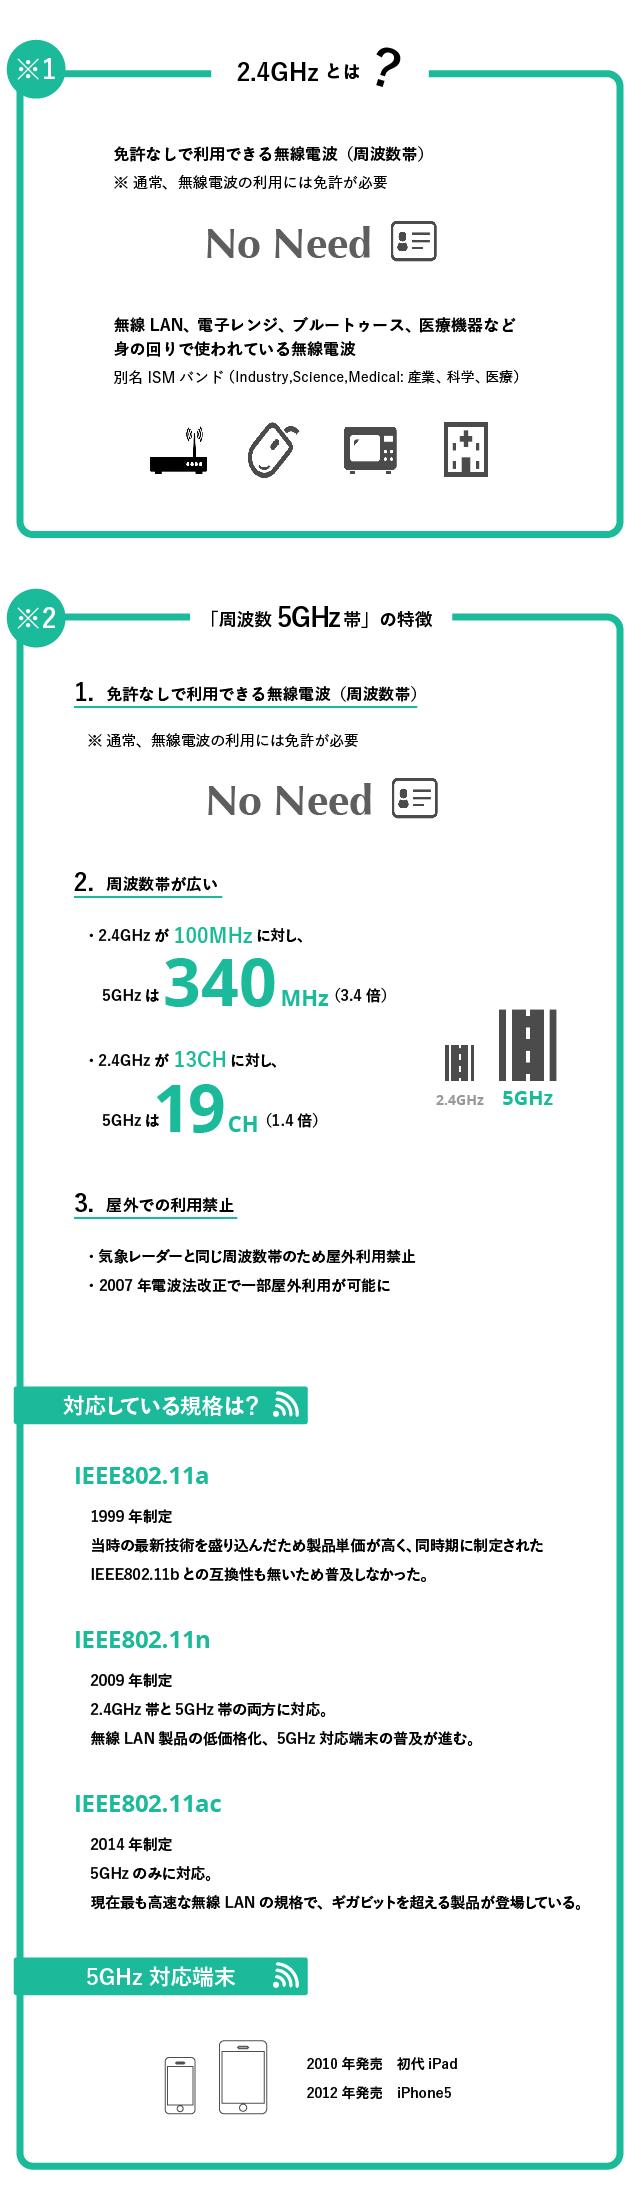 infographic_v3-03